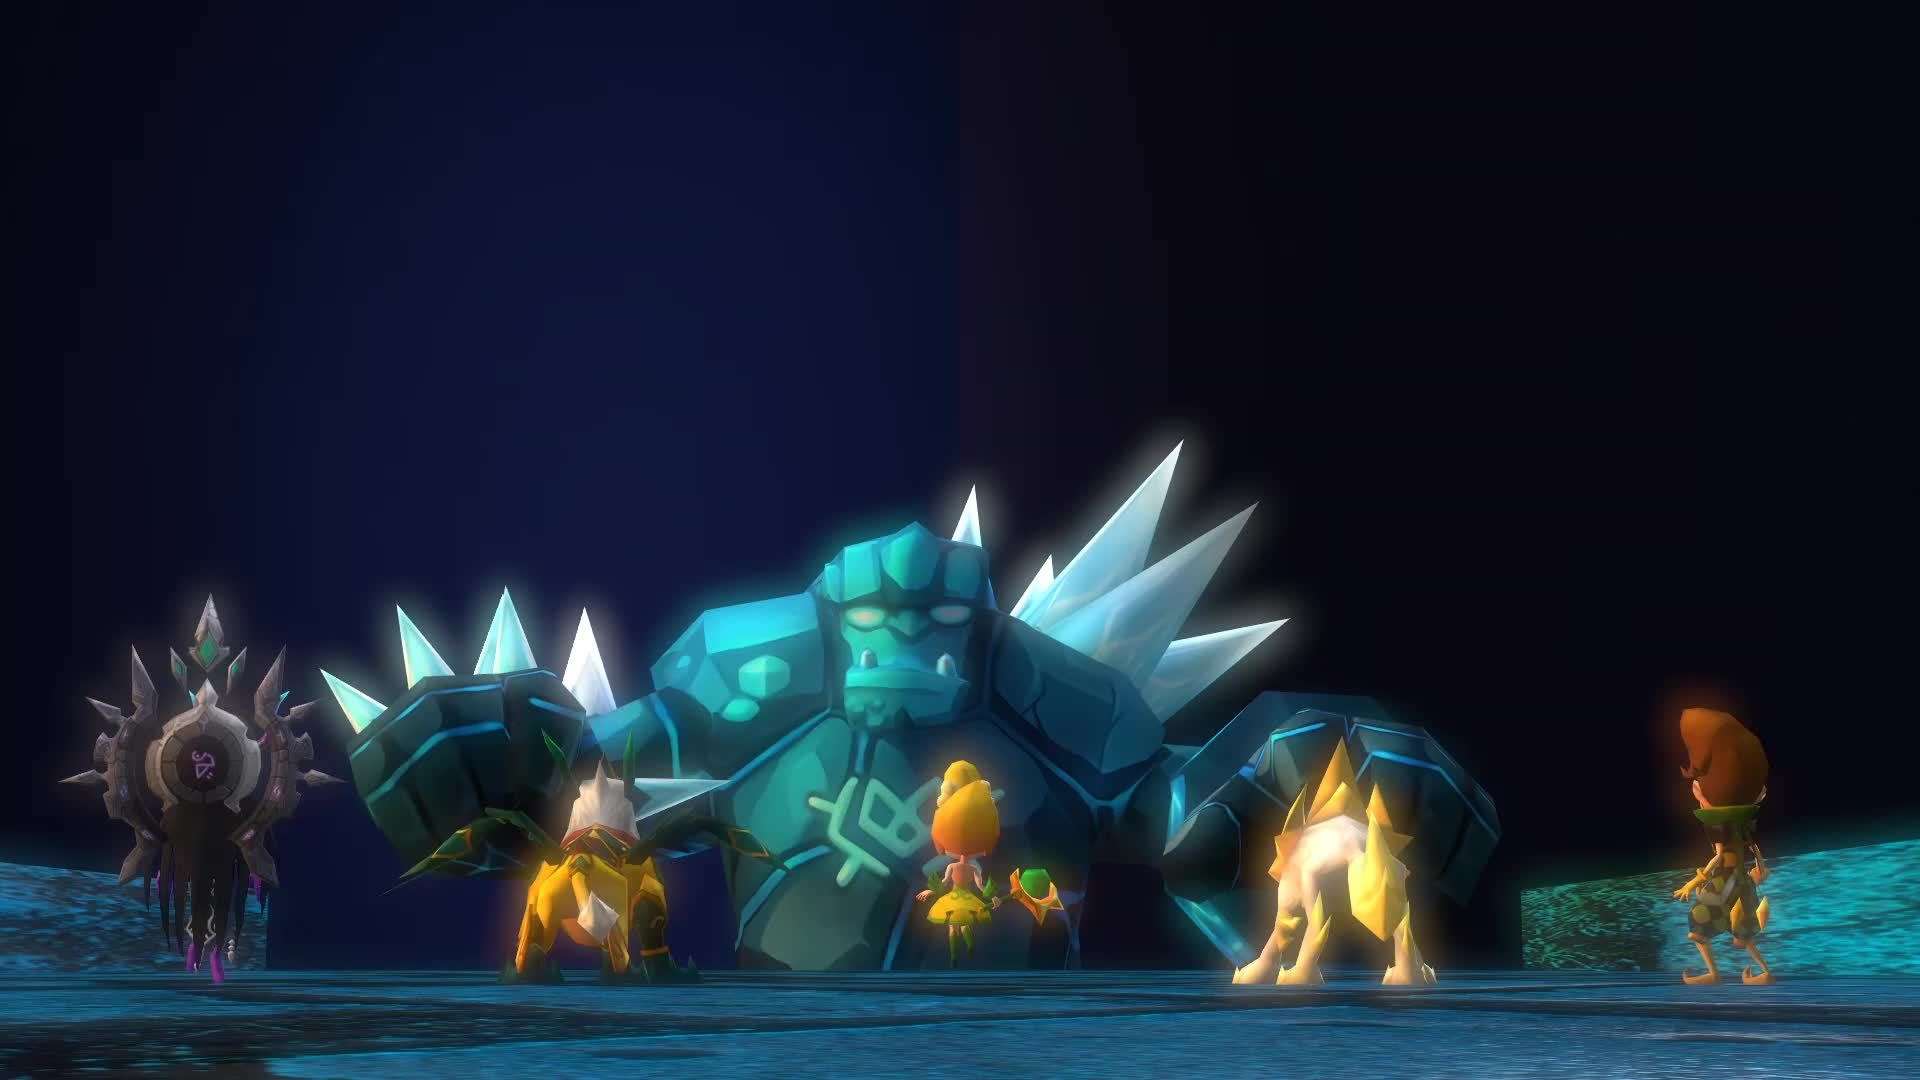 CG, summonerswar, Giant's Reaction [Summoners War 3D Render] GIFs